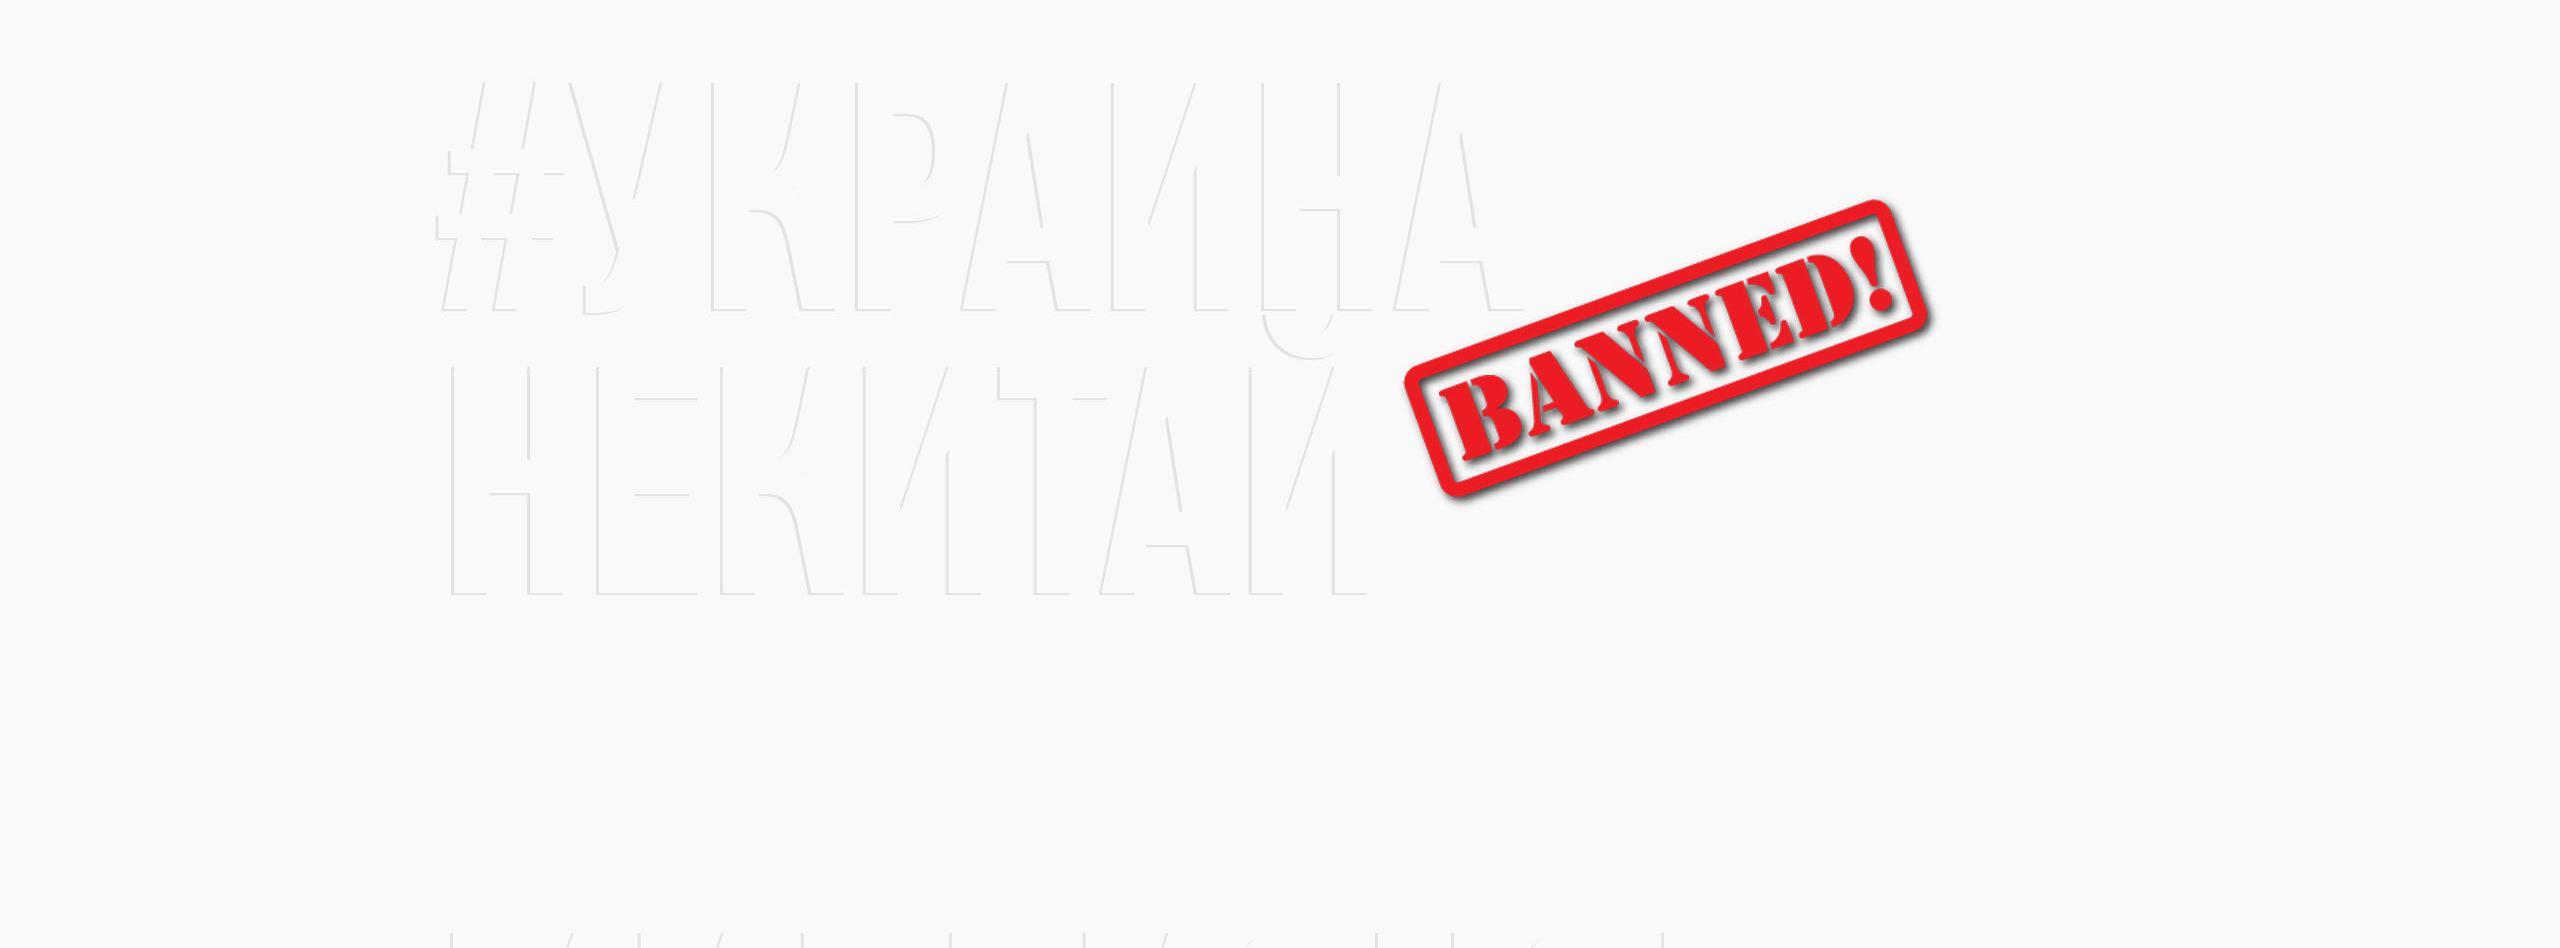 #УкраинанеКитай: что ждет рынок рекламы после запрета соцсетей